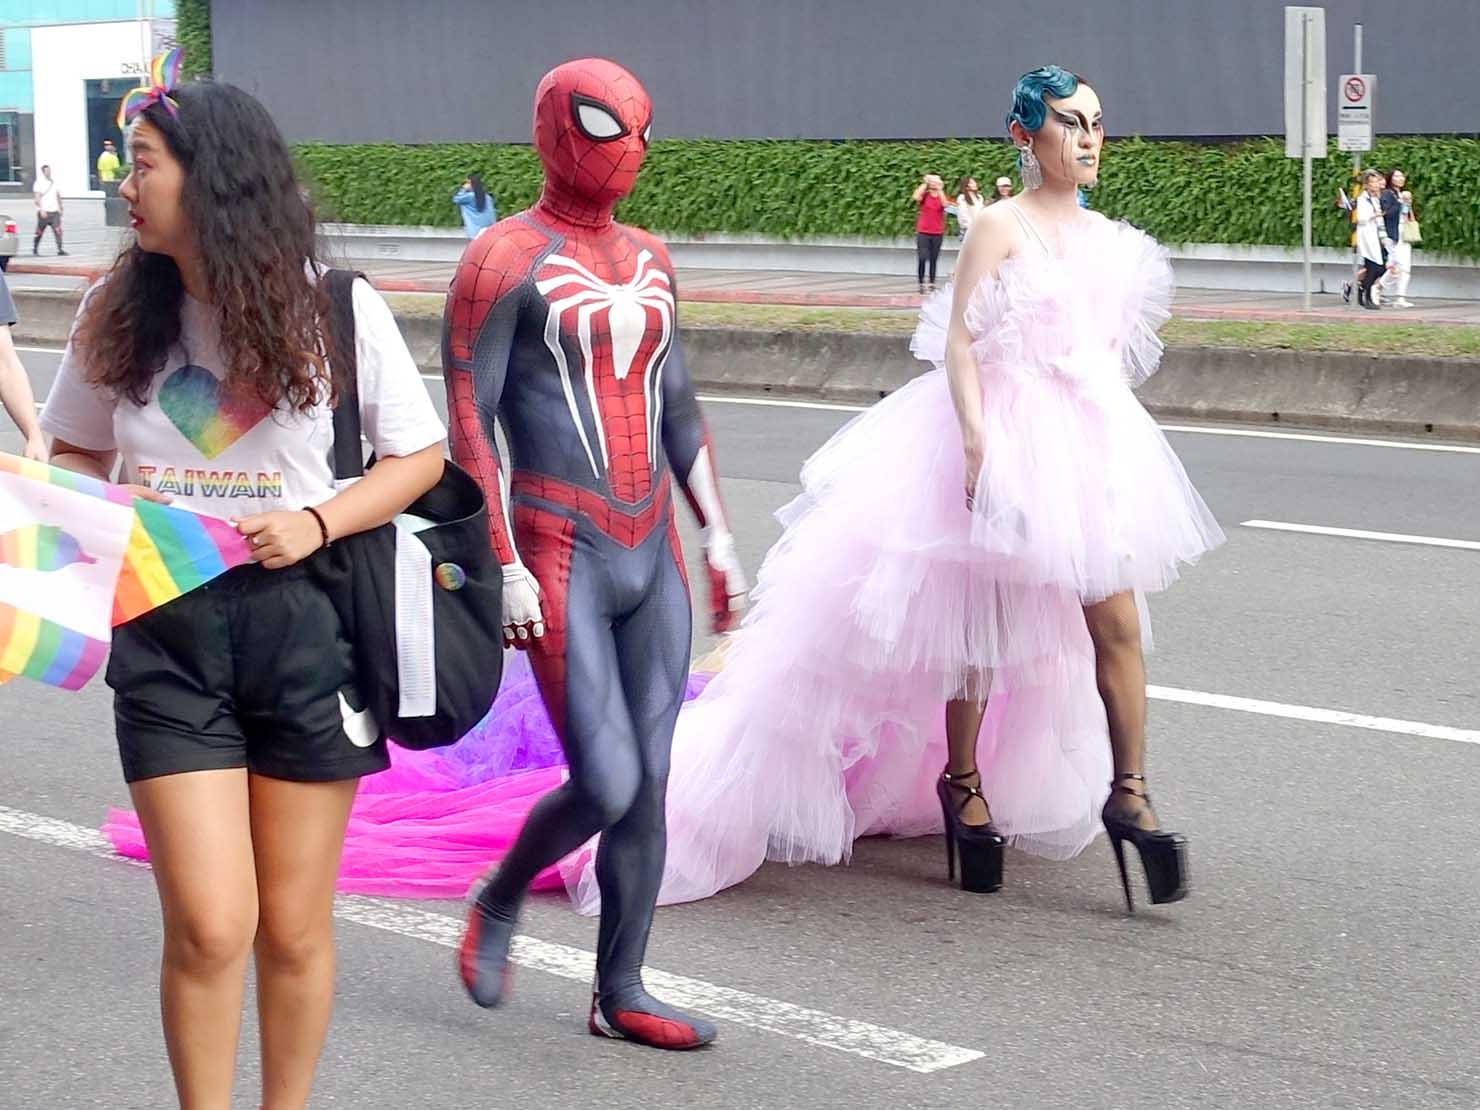 台灣同志遊行(台湾LGBTプライド)2019のパレードをコスプレで歩く参加者